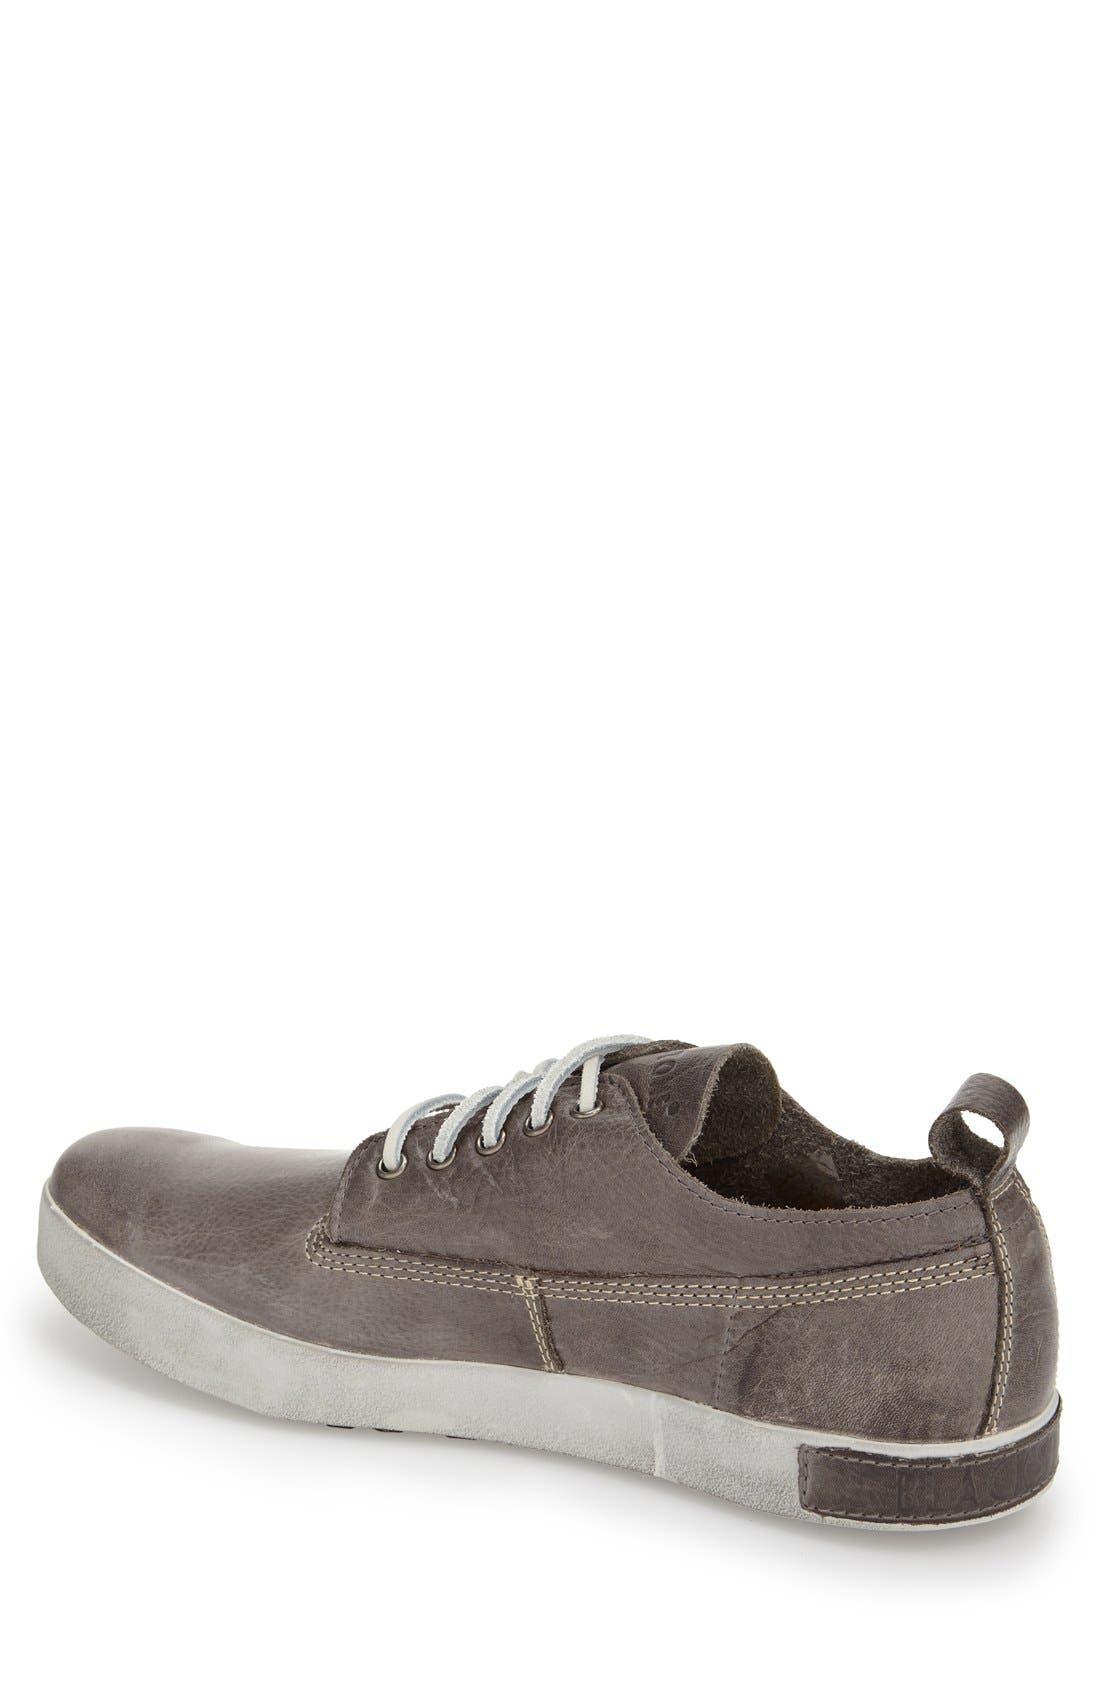 'JM 01' Sneaker,                             Alternate thumbnail 3, color,                             081